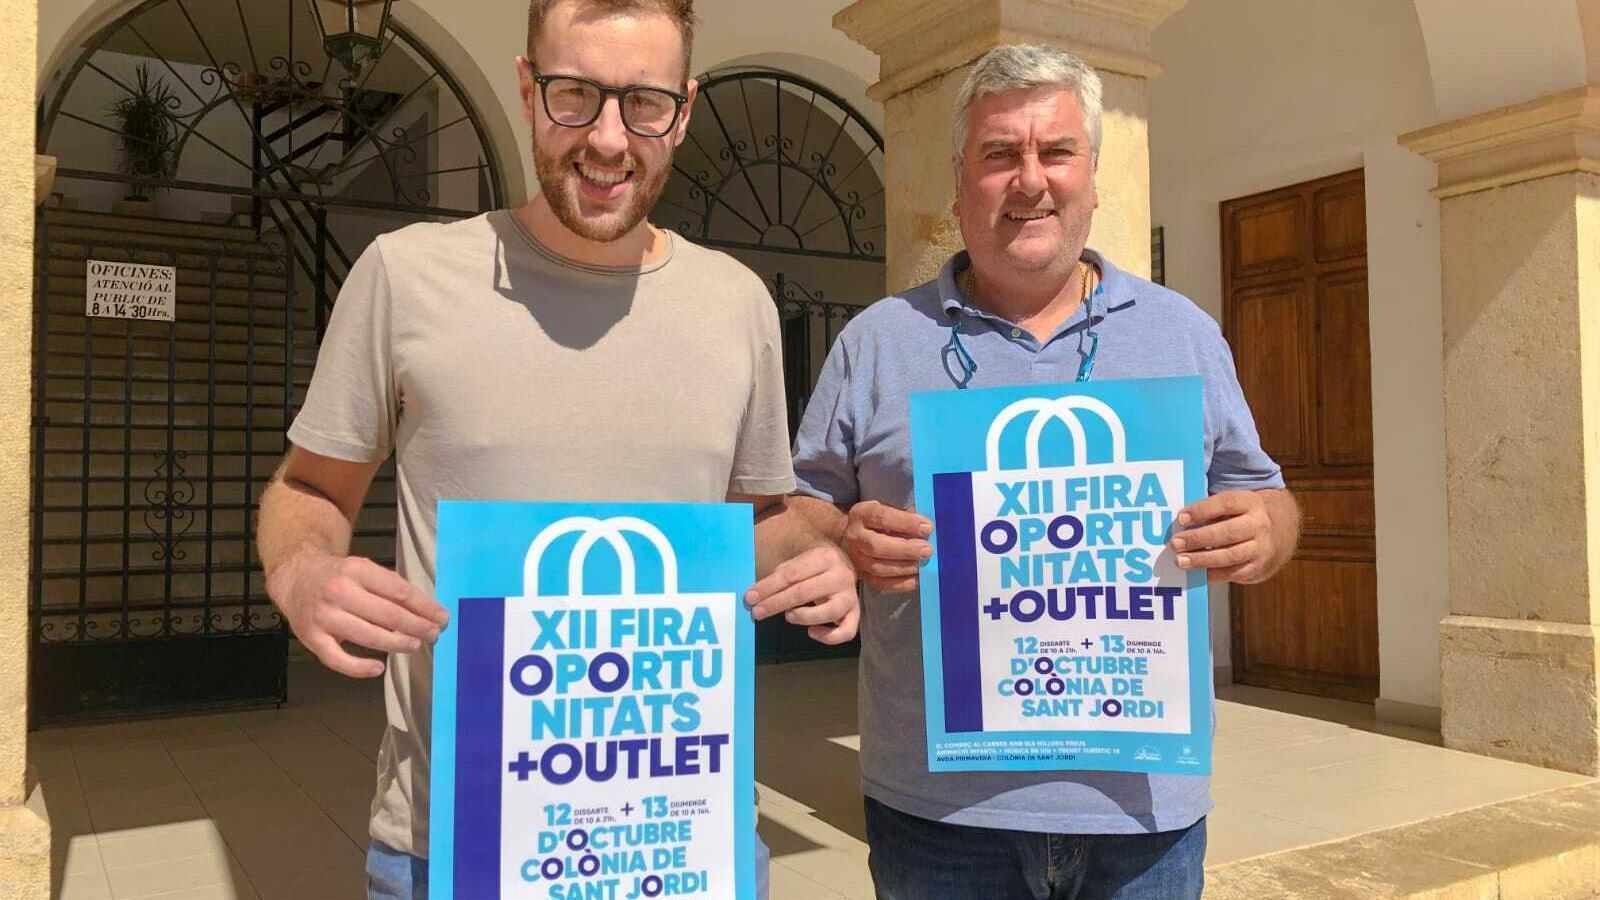 Miquel A. Garí, portaveu de la Junt de Districte i Miquel Rigo, regidor de Comerç, amb el cartell promocional.